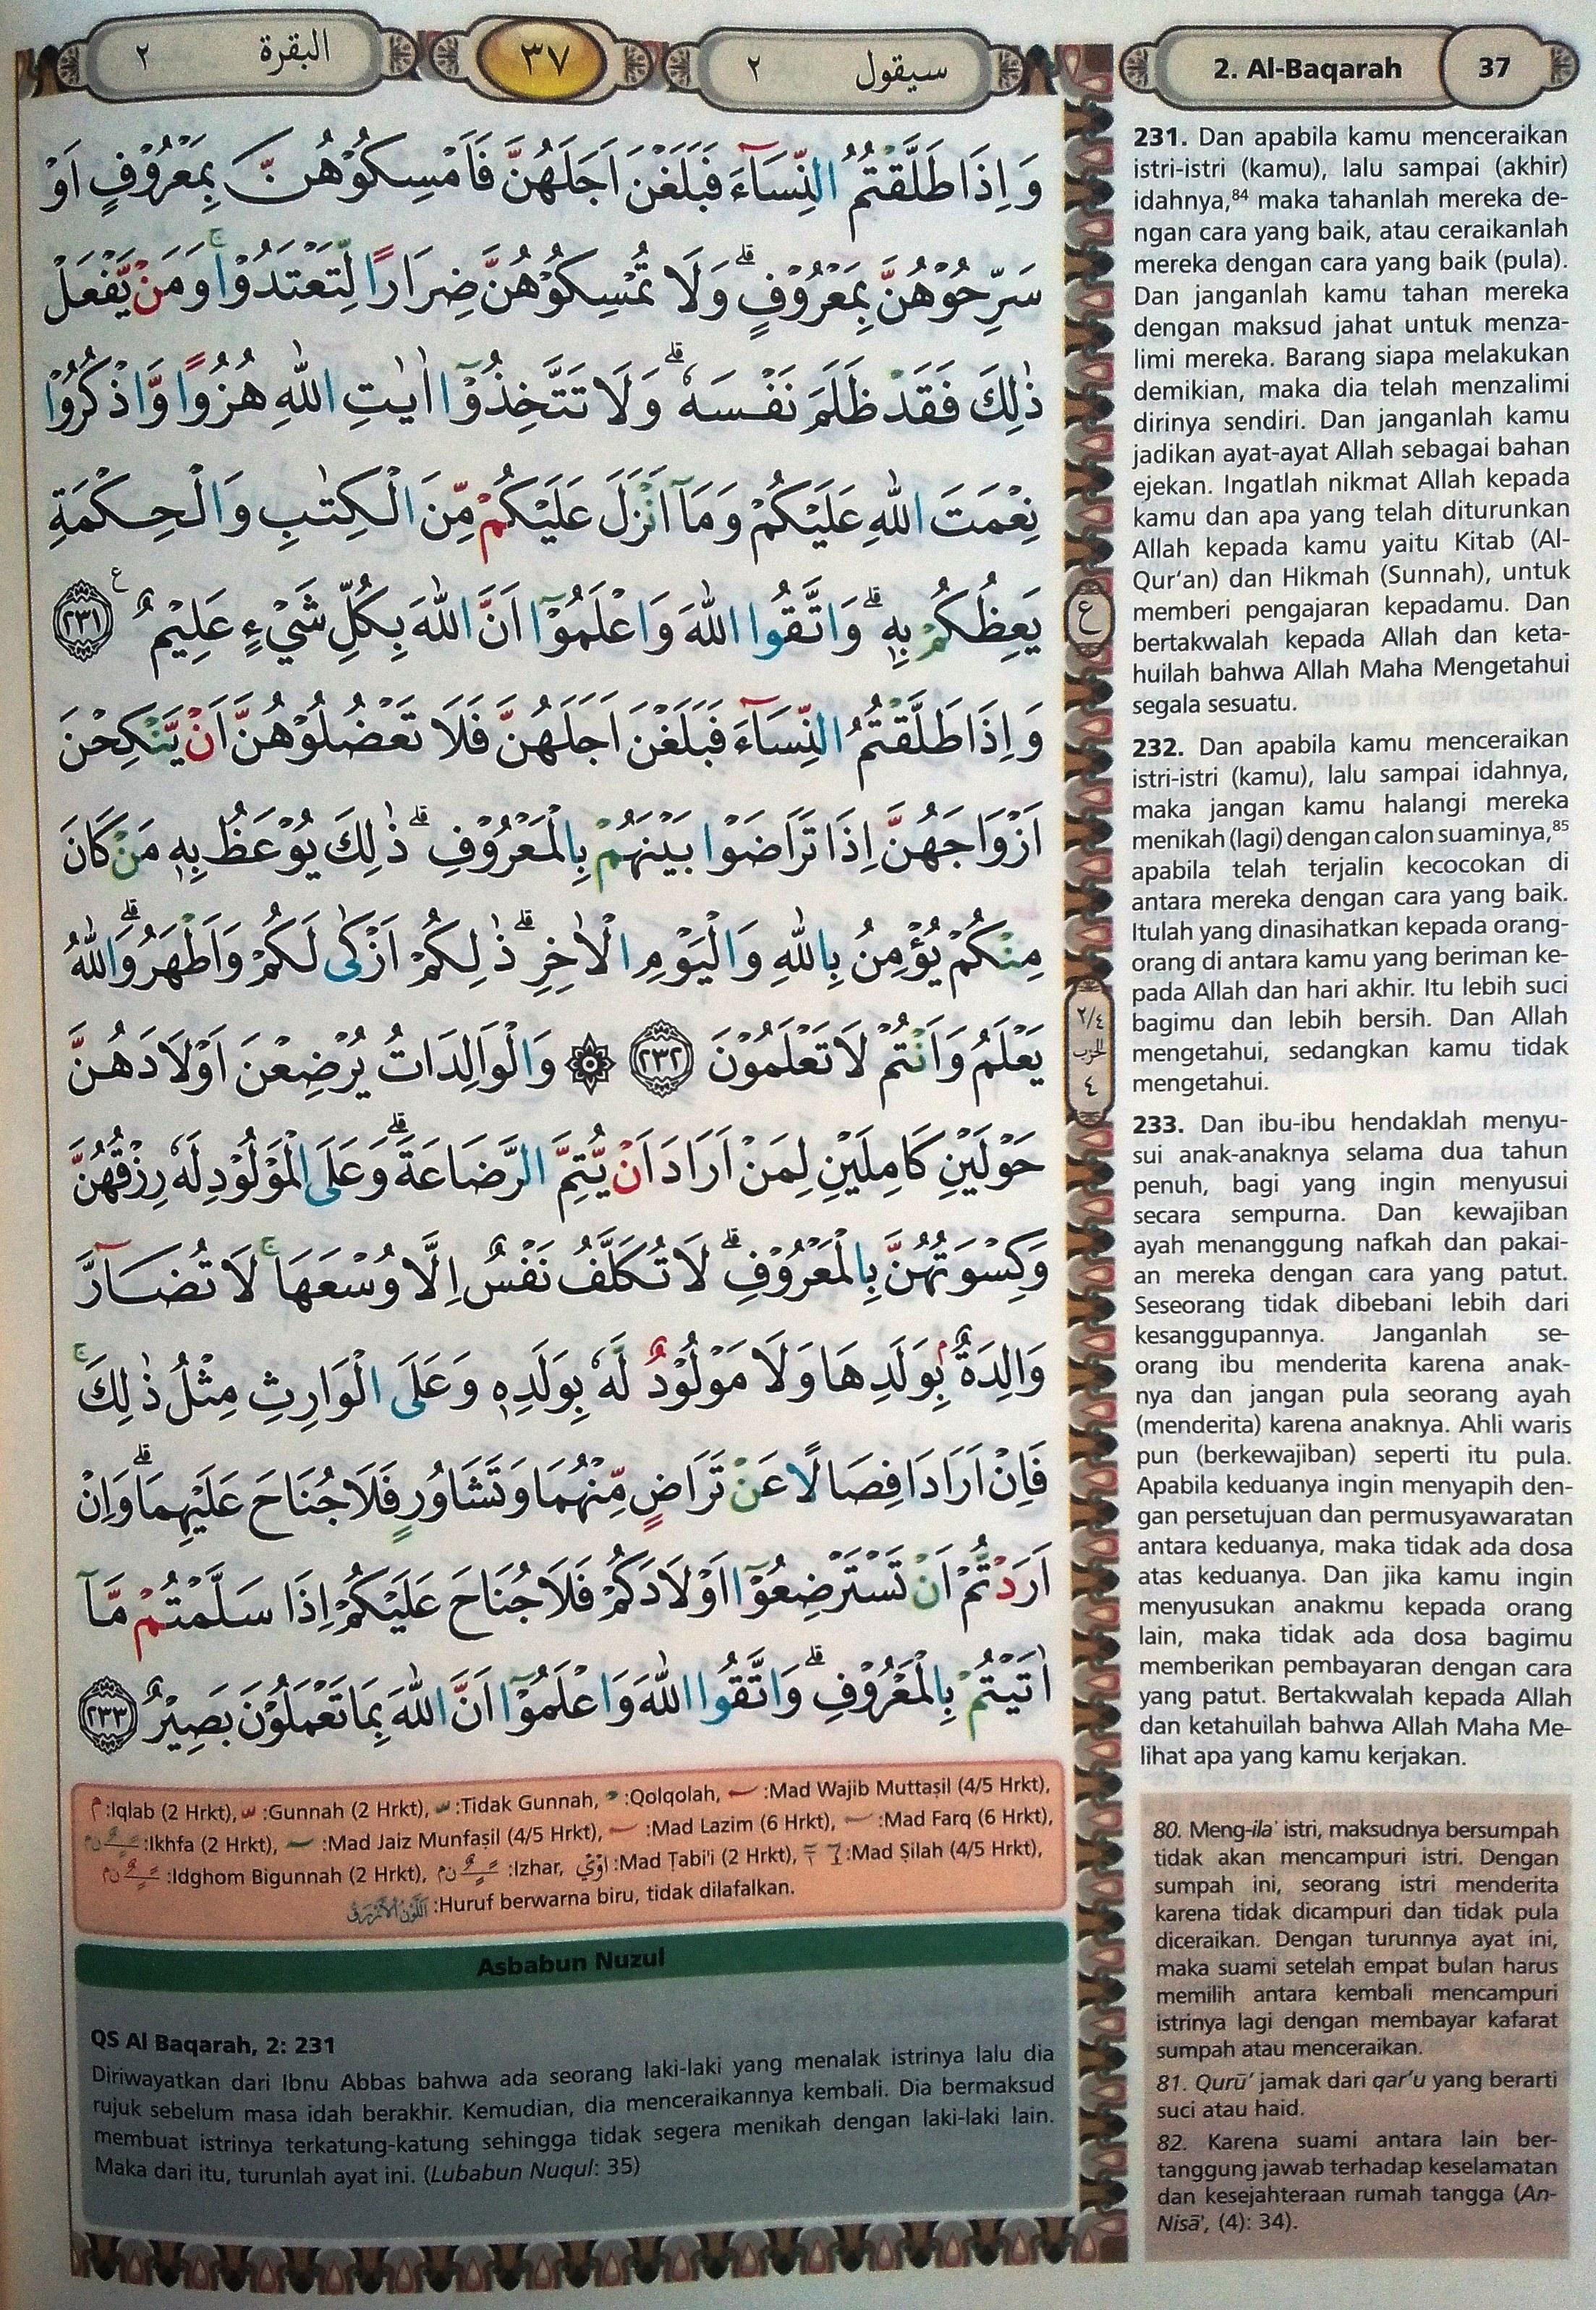 Al Baqarah 231-233